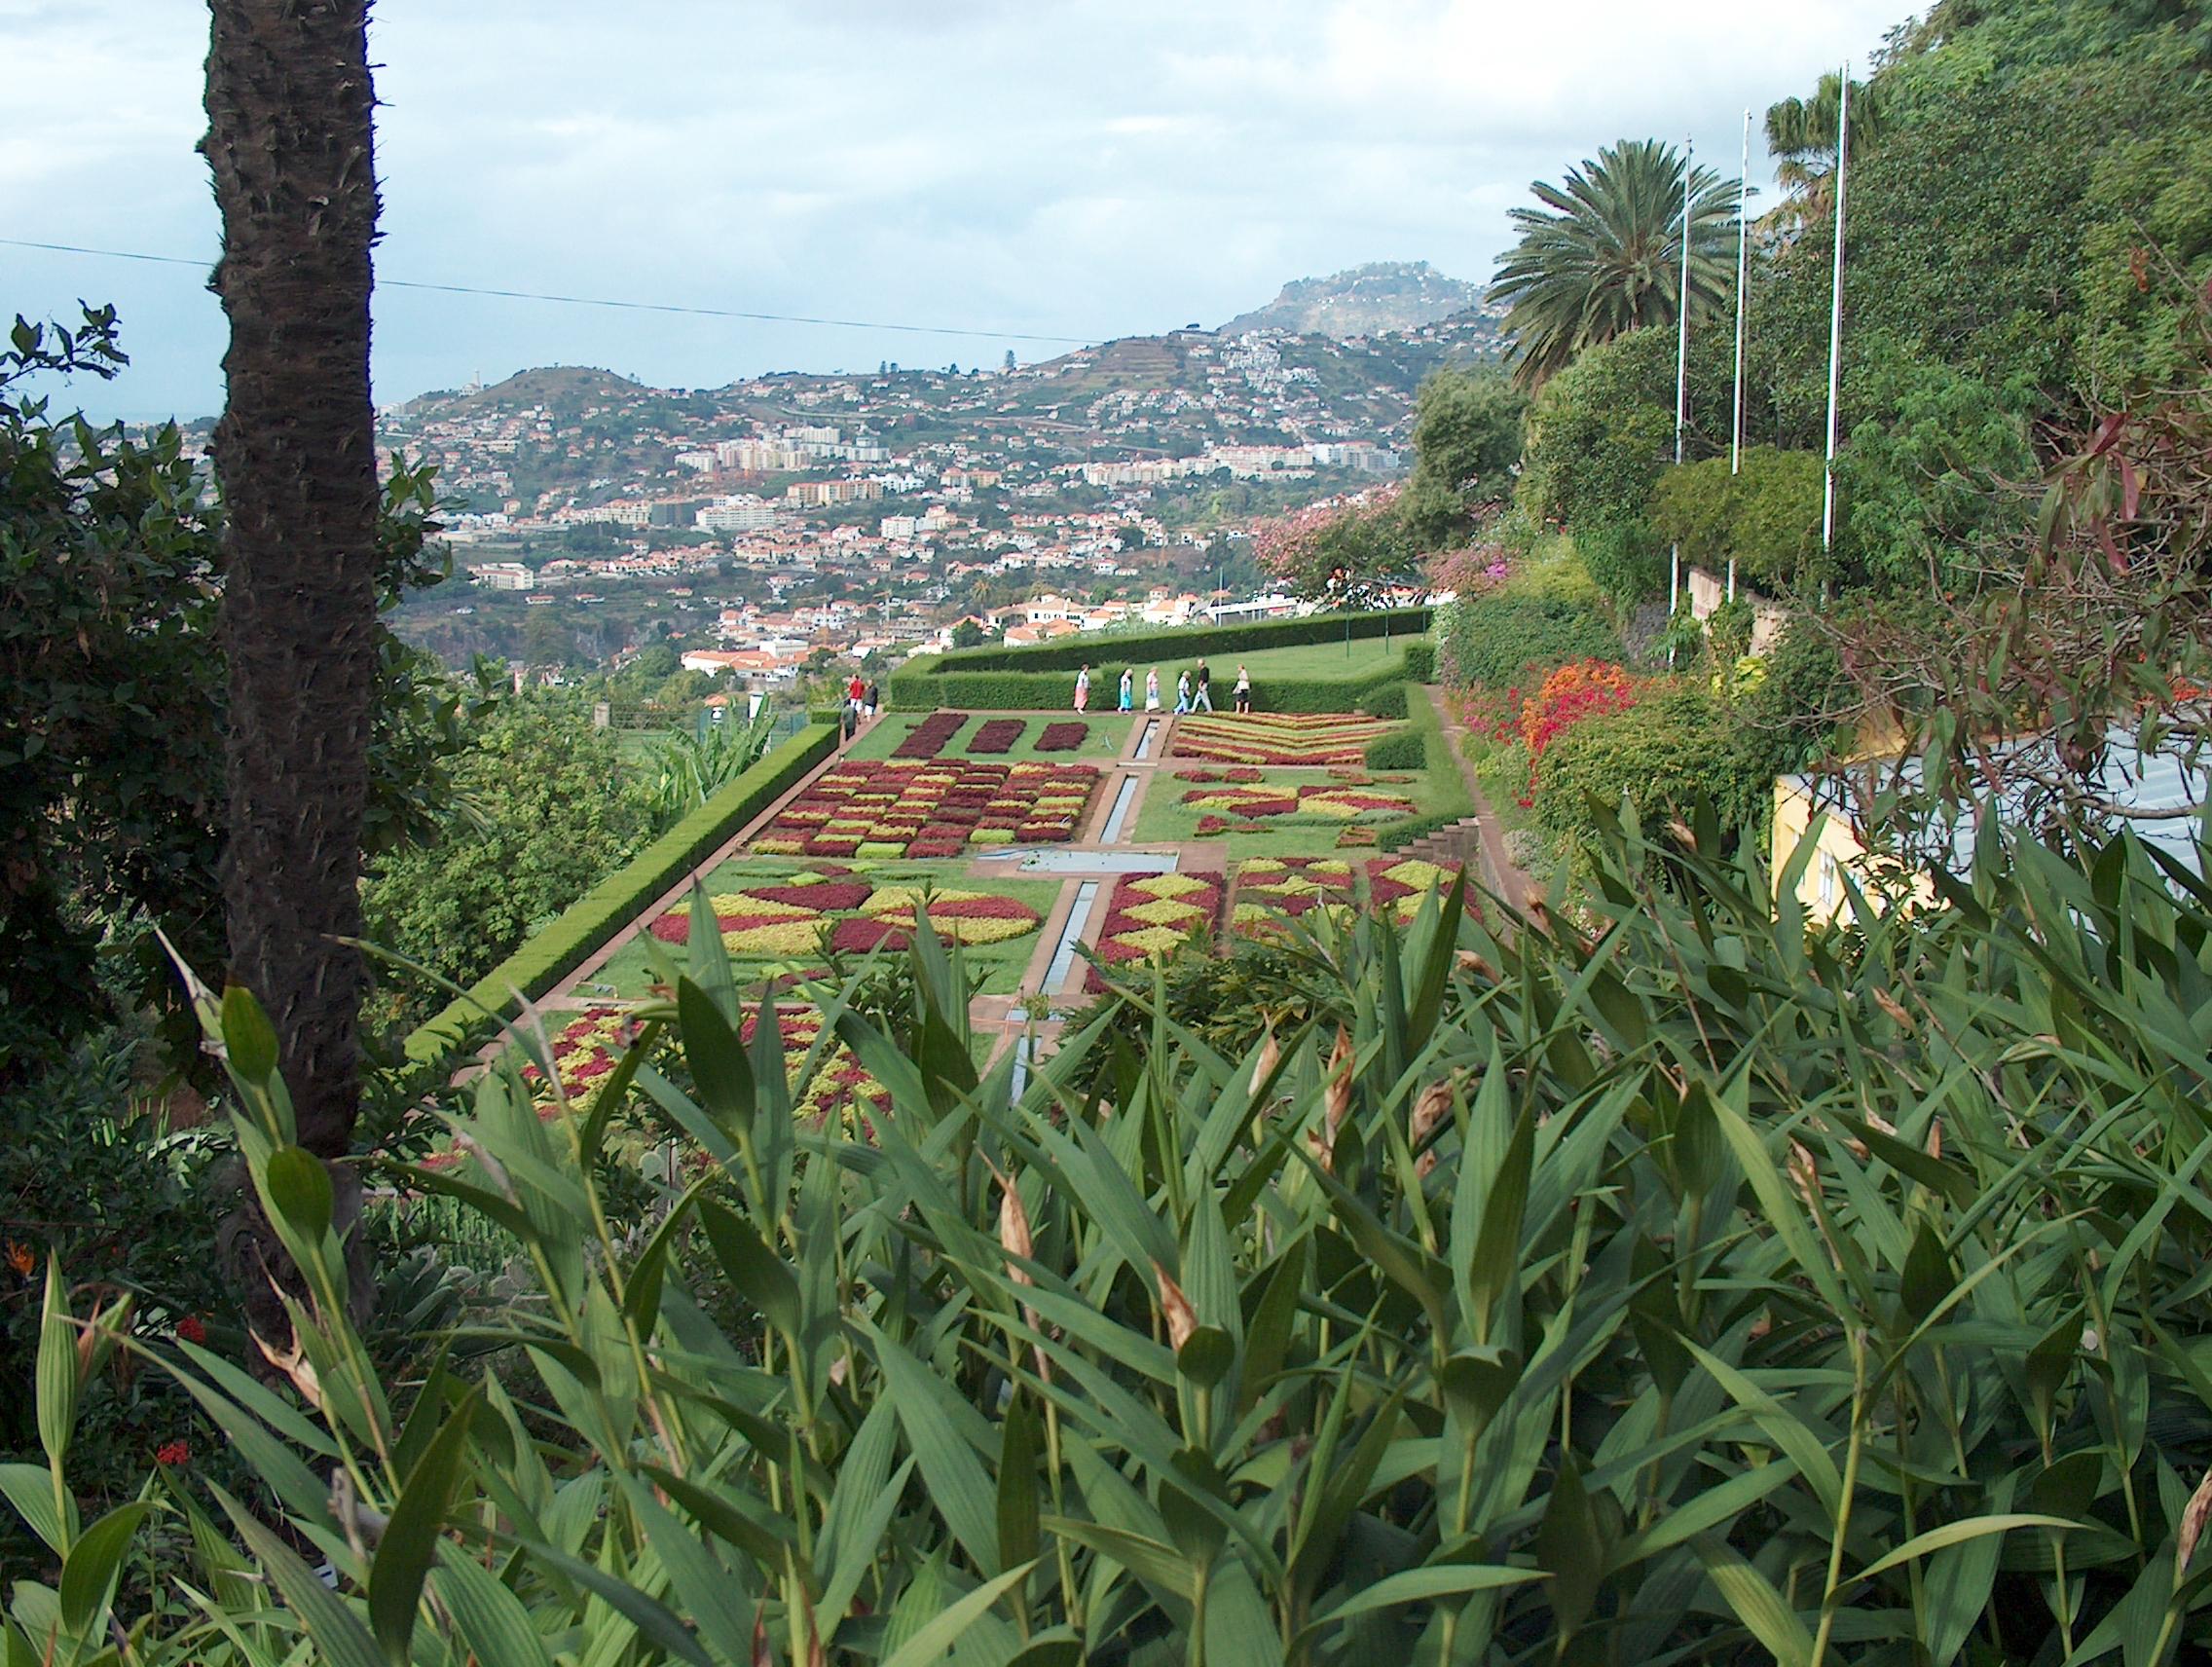 Madeiran kasvitieteellinen puutarha